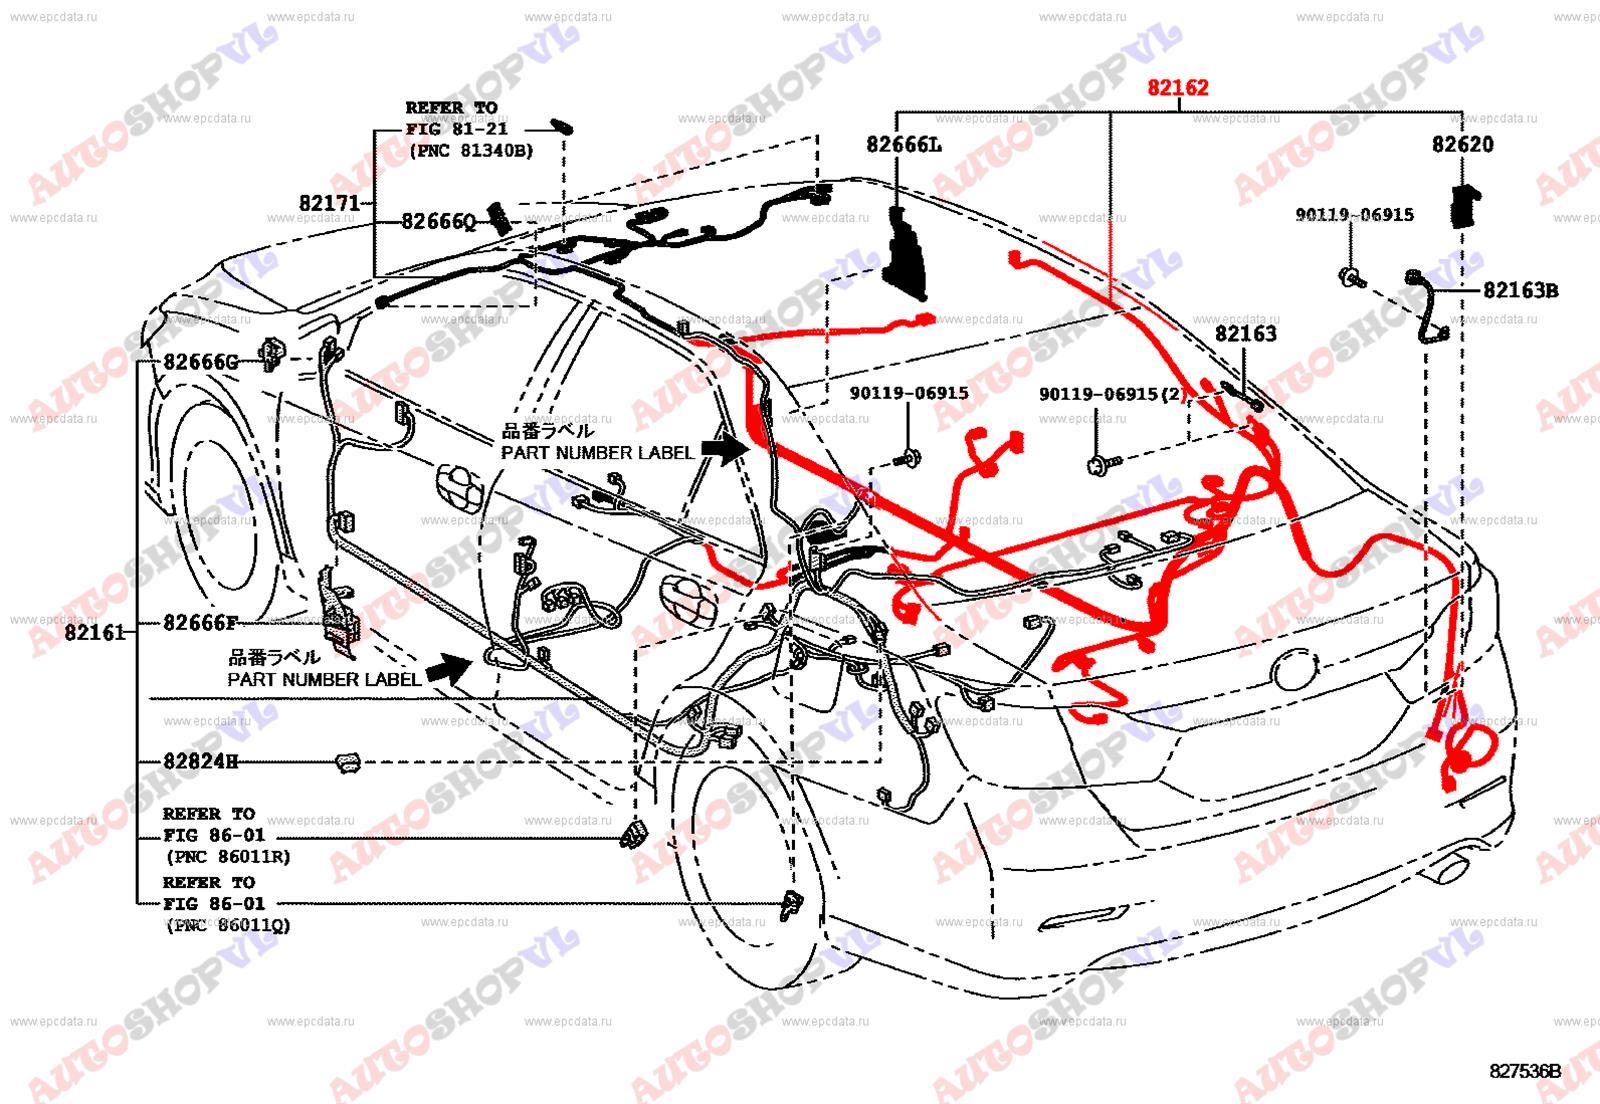 Электропроводка салона Toyota Camry AVV50 2ARFXE 12.2011 (б/у)